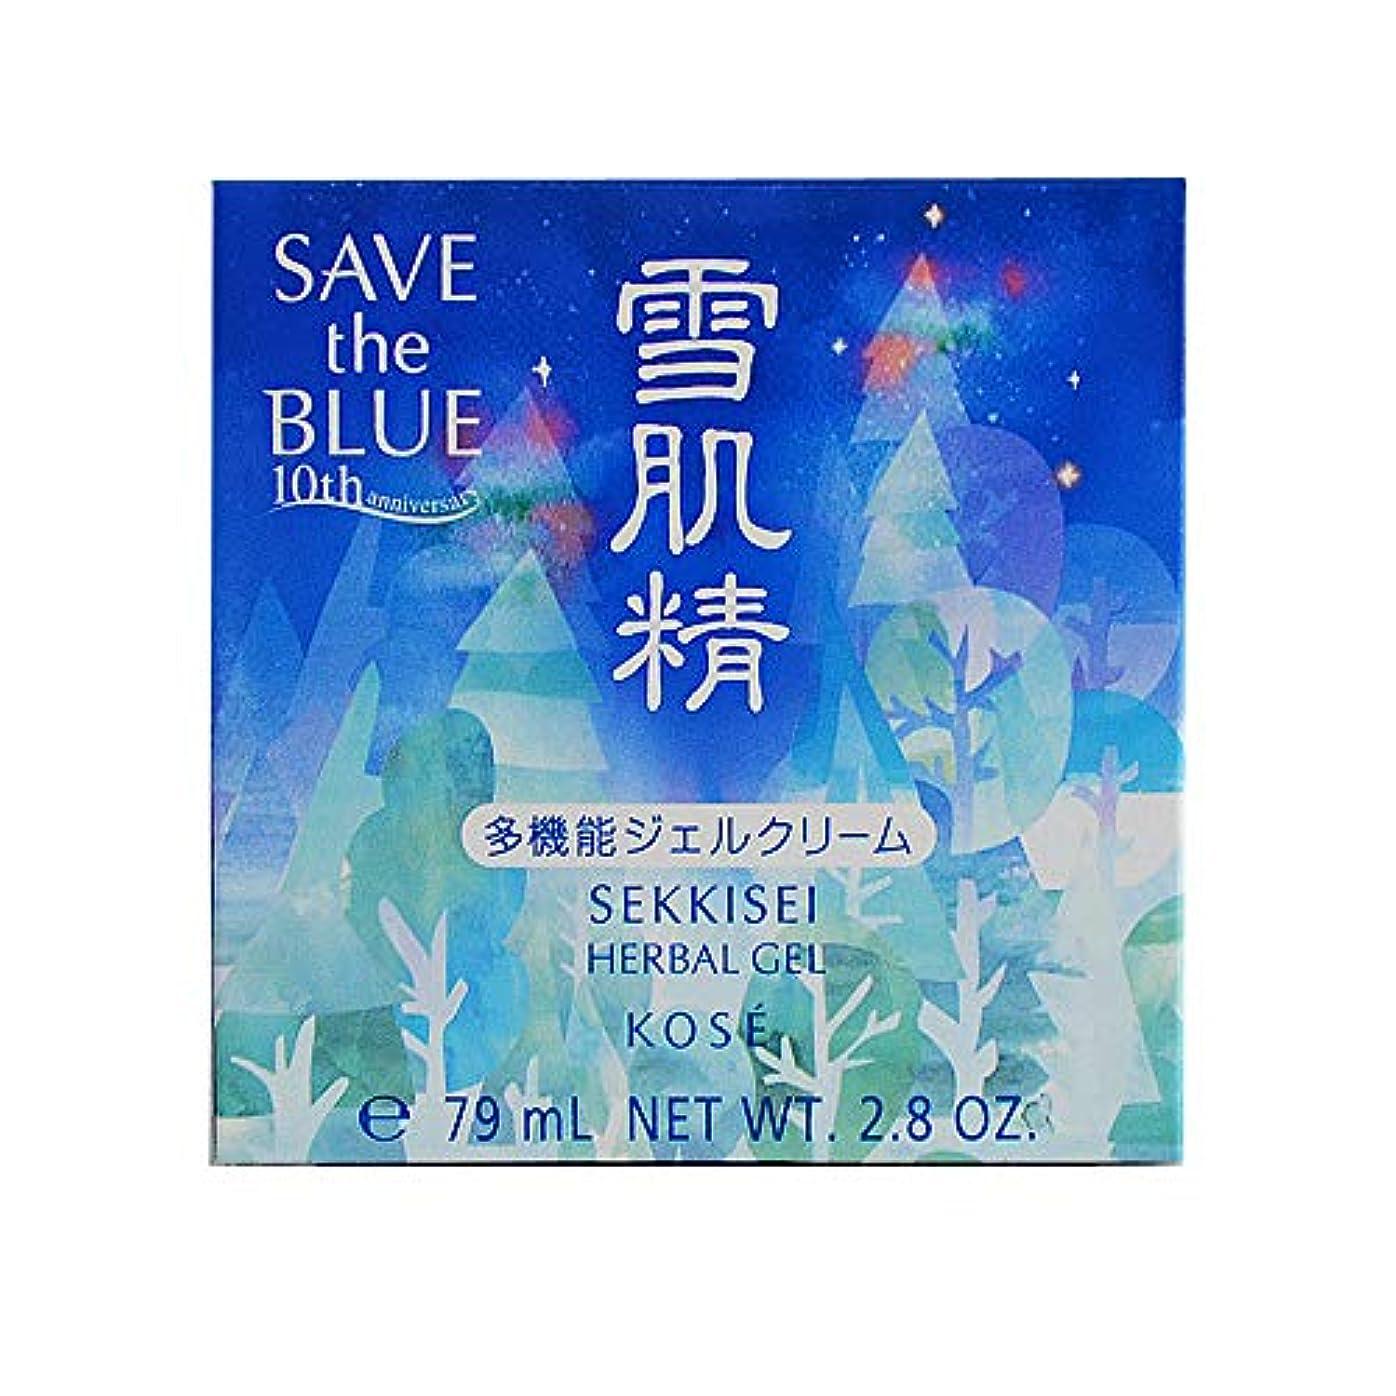 声を出して個人的に情熱的コーセー 雪肌精 ハーバルジェル 80g (SAVE the BLUE) [ フェイスクリーム ] [並行輸入品]